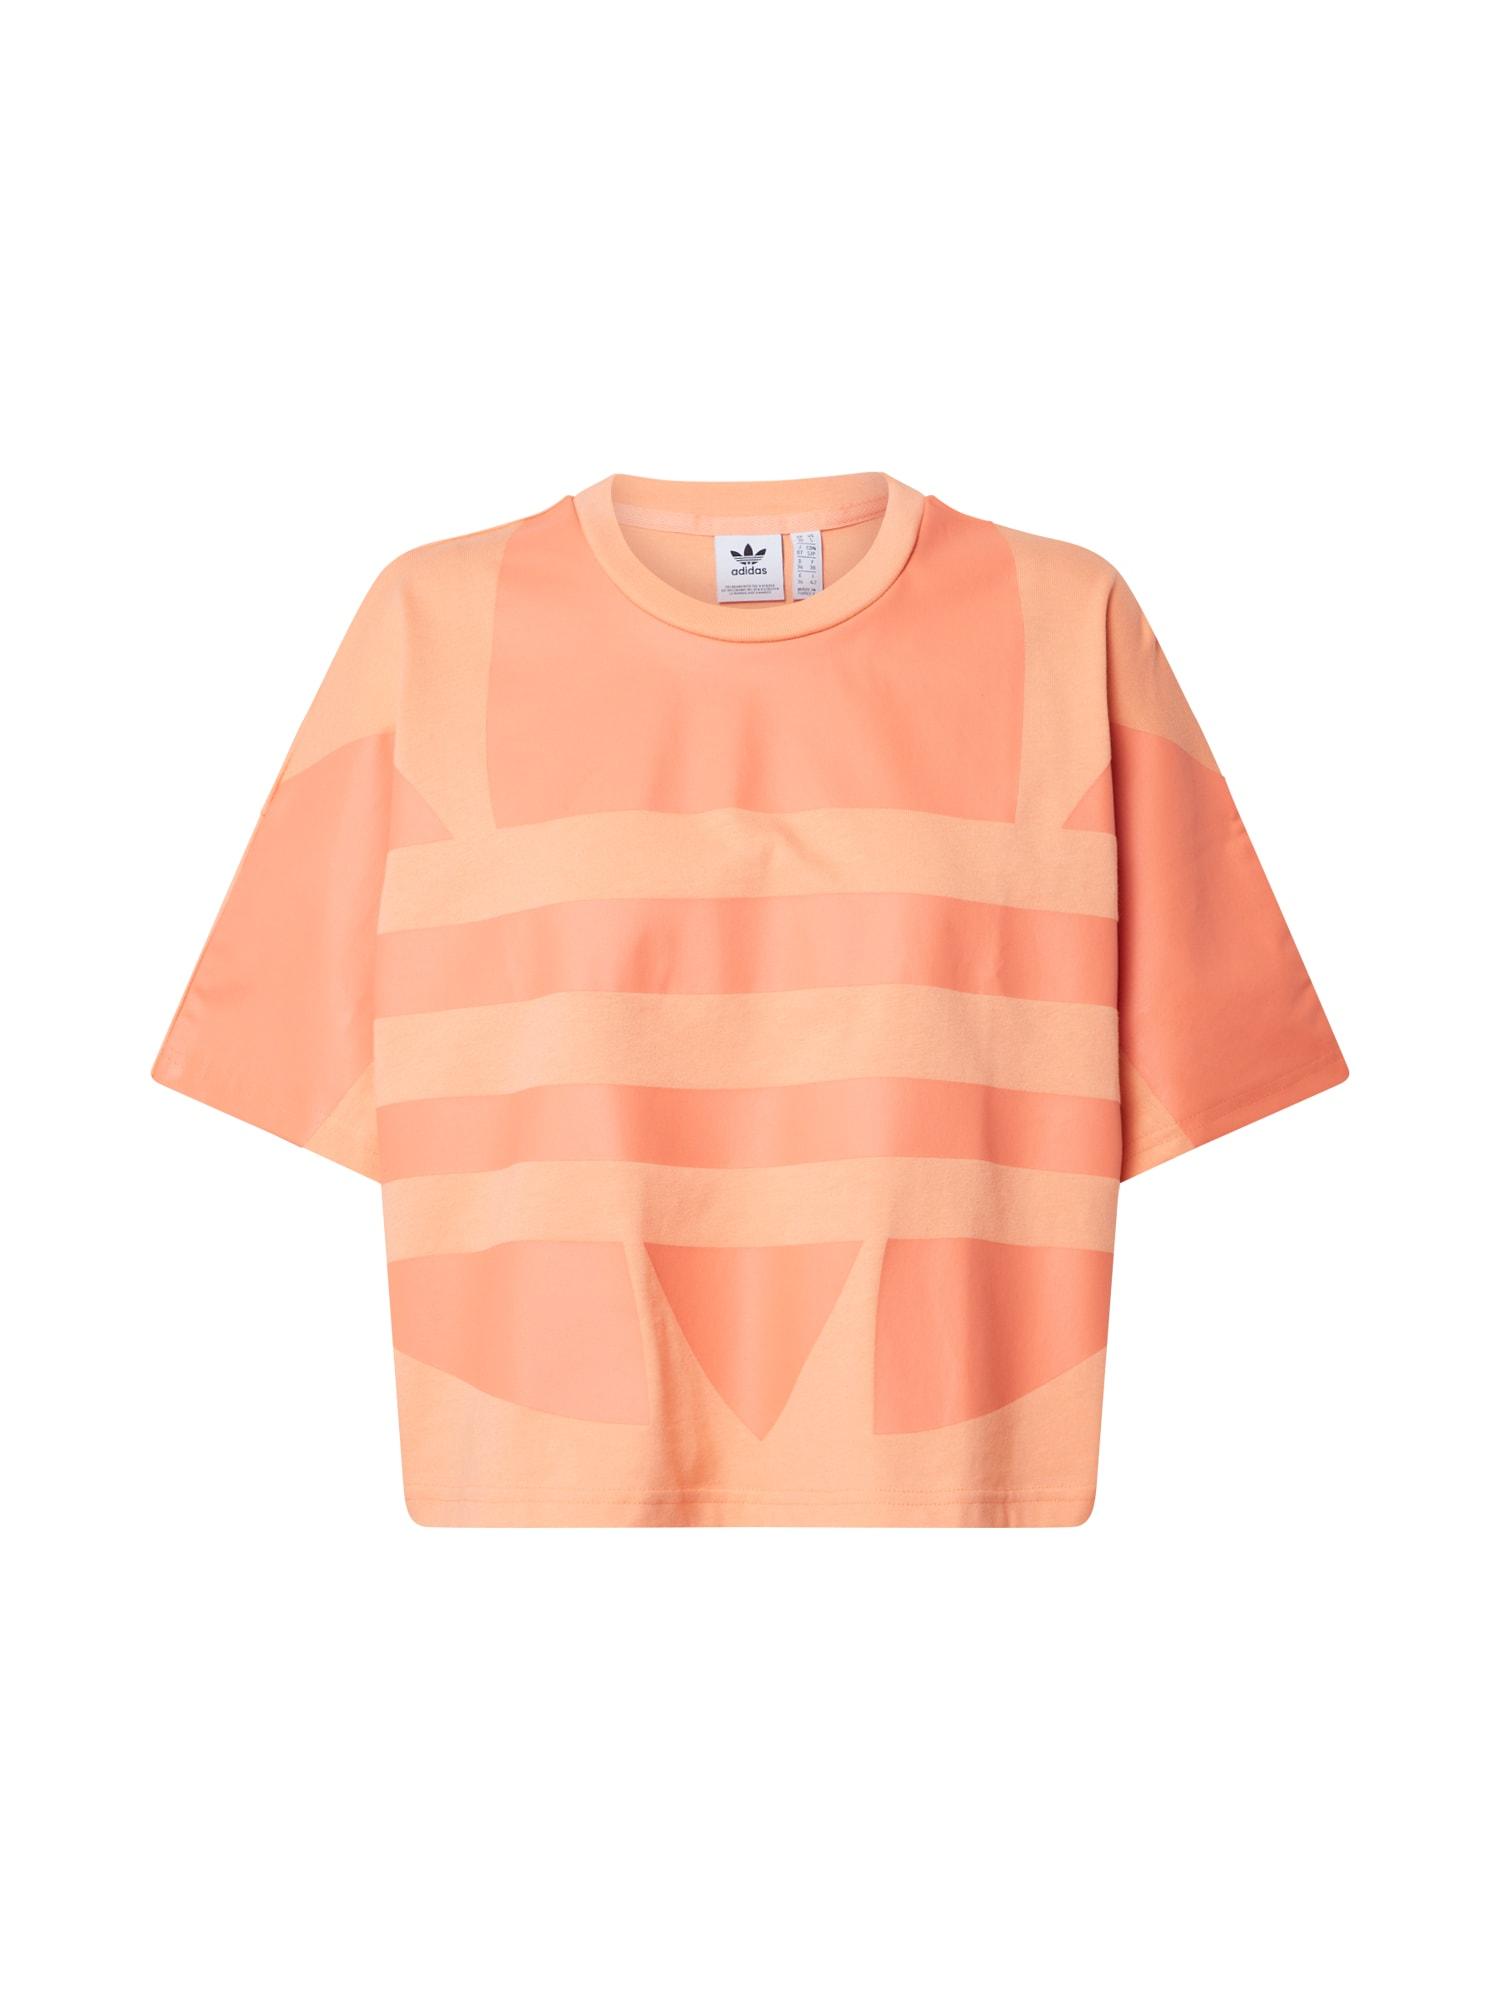 ADIDAS ORIGINALS Marškinėliai oranžinė